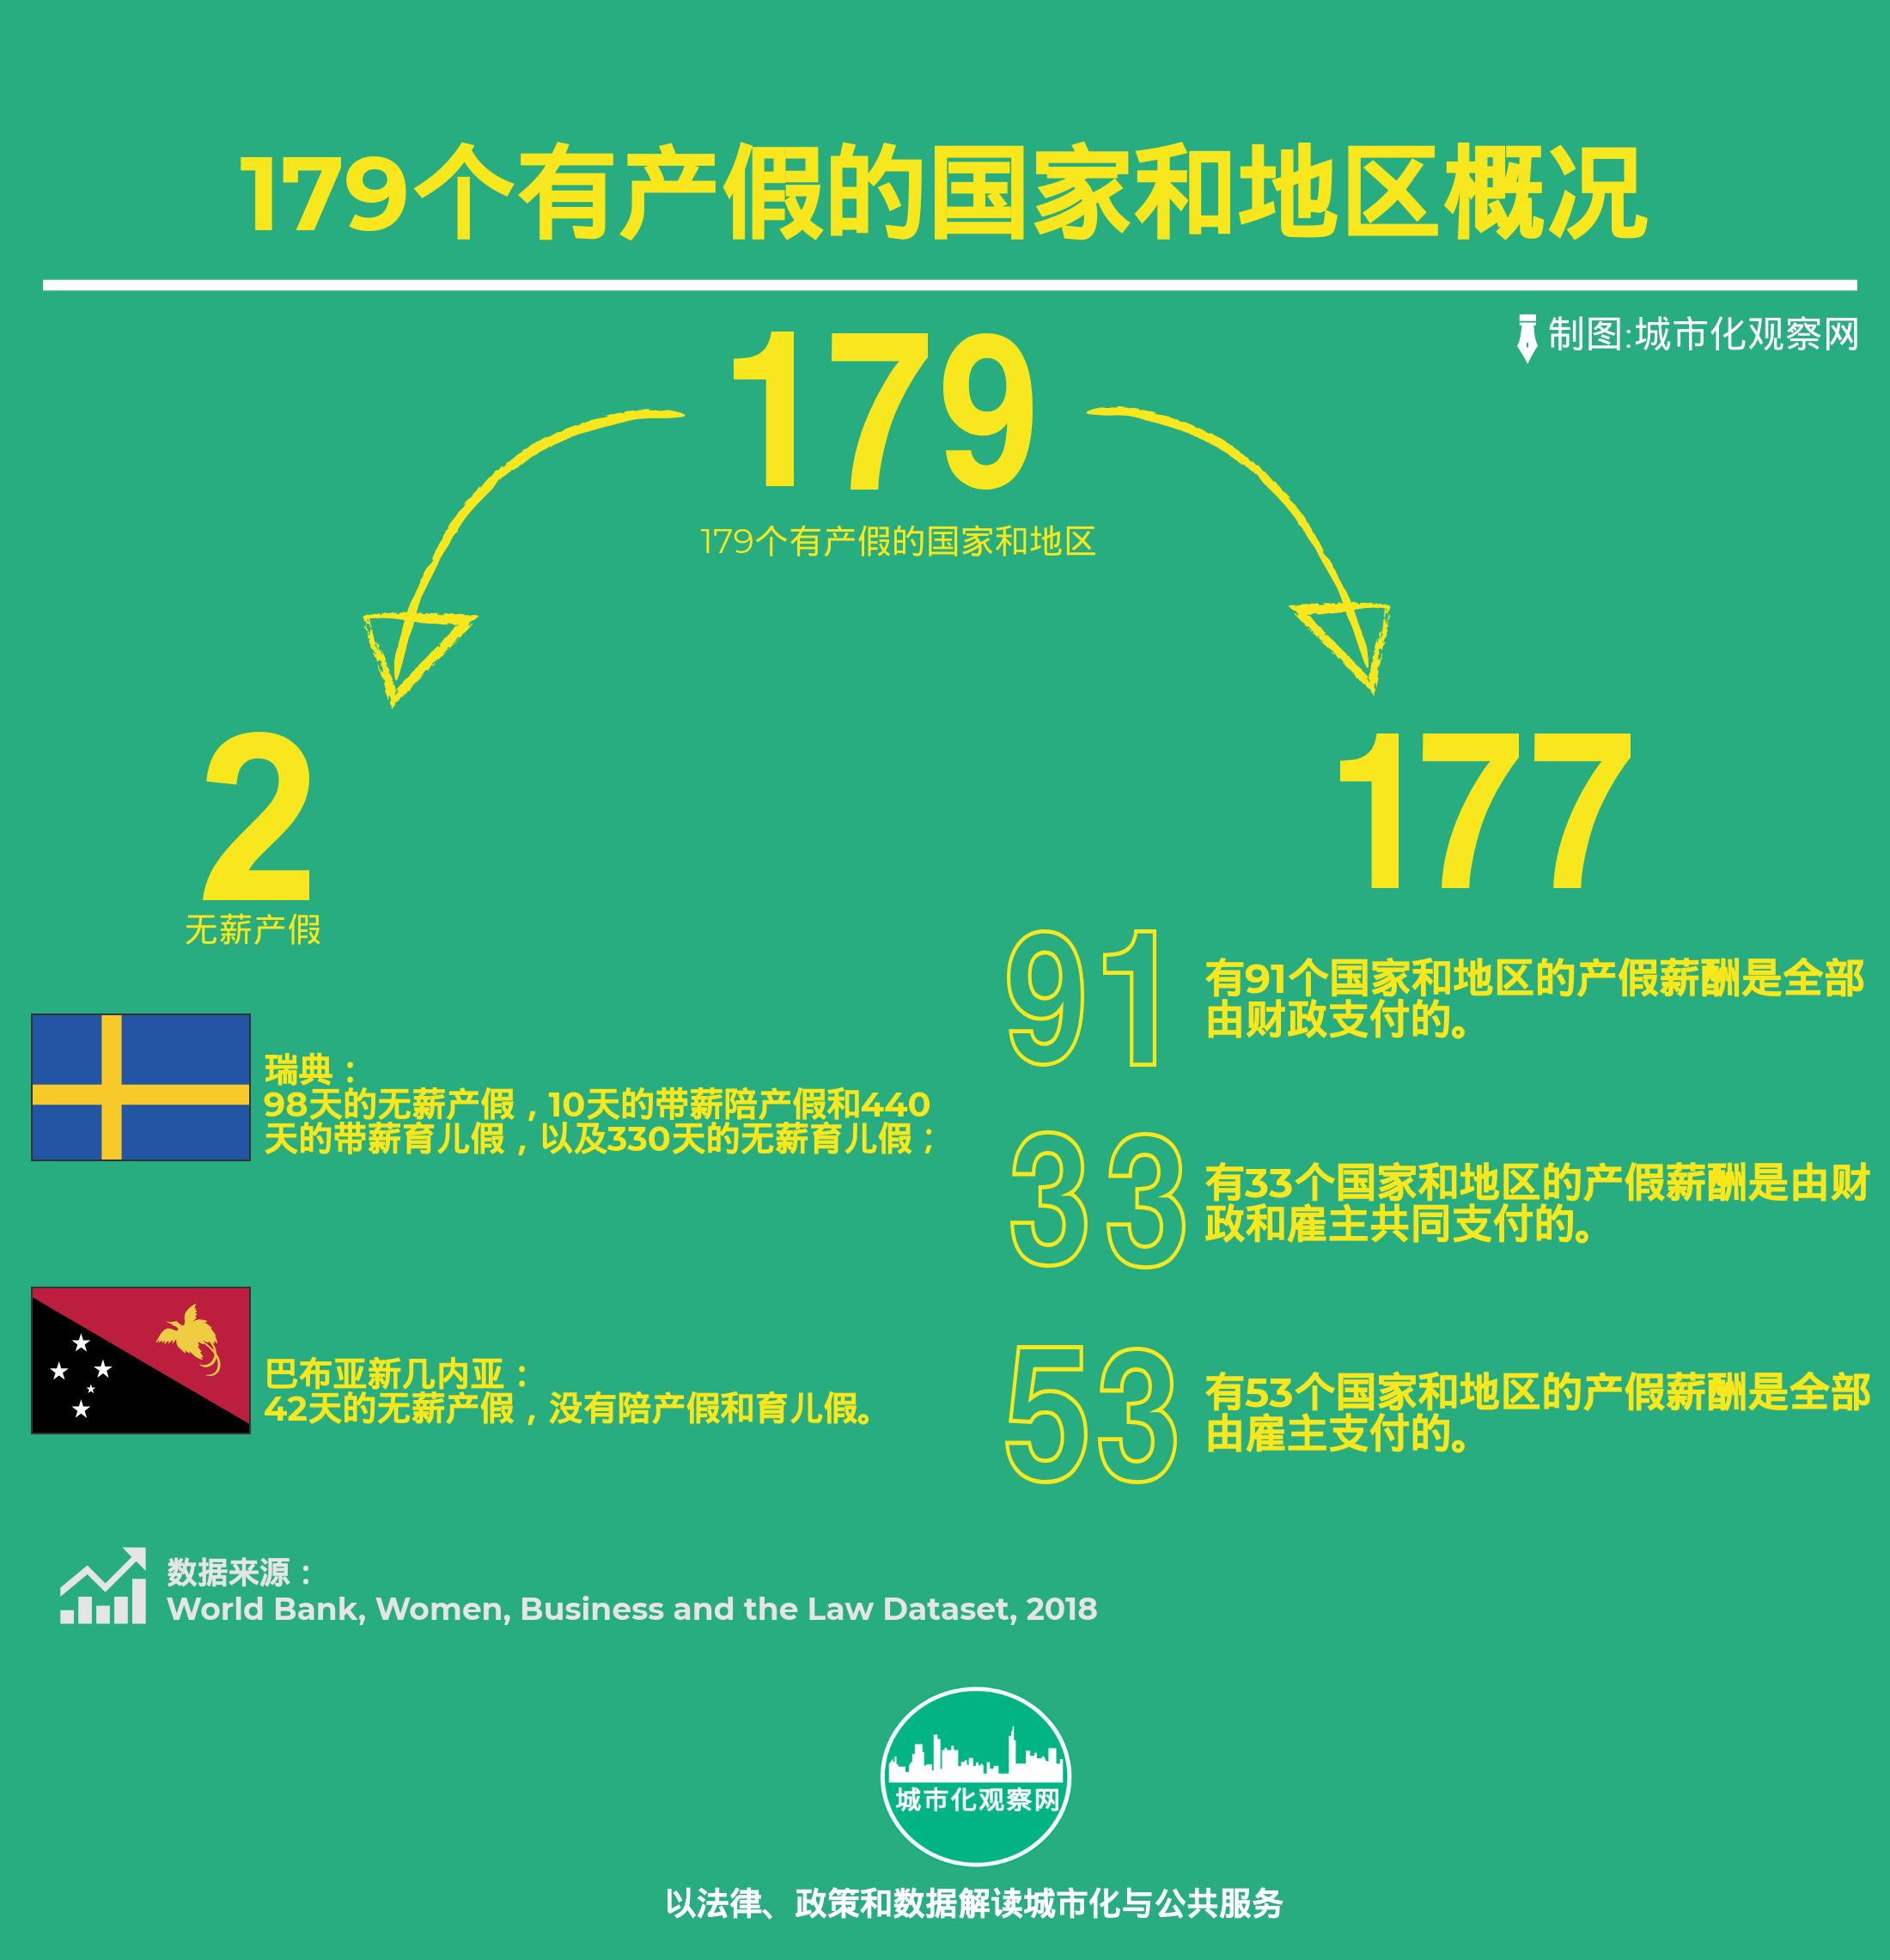 2020年国家法定陪产假 广东省产假2020新规定